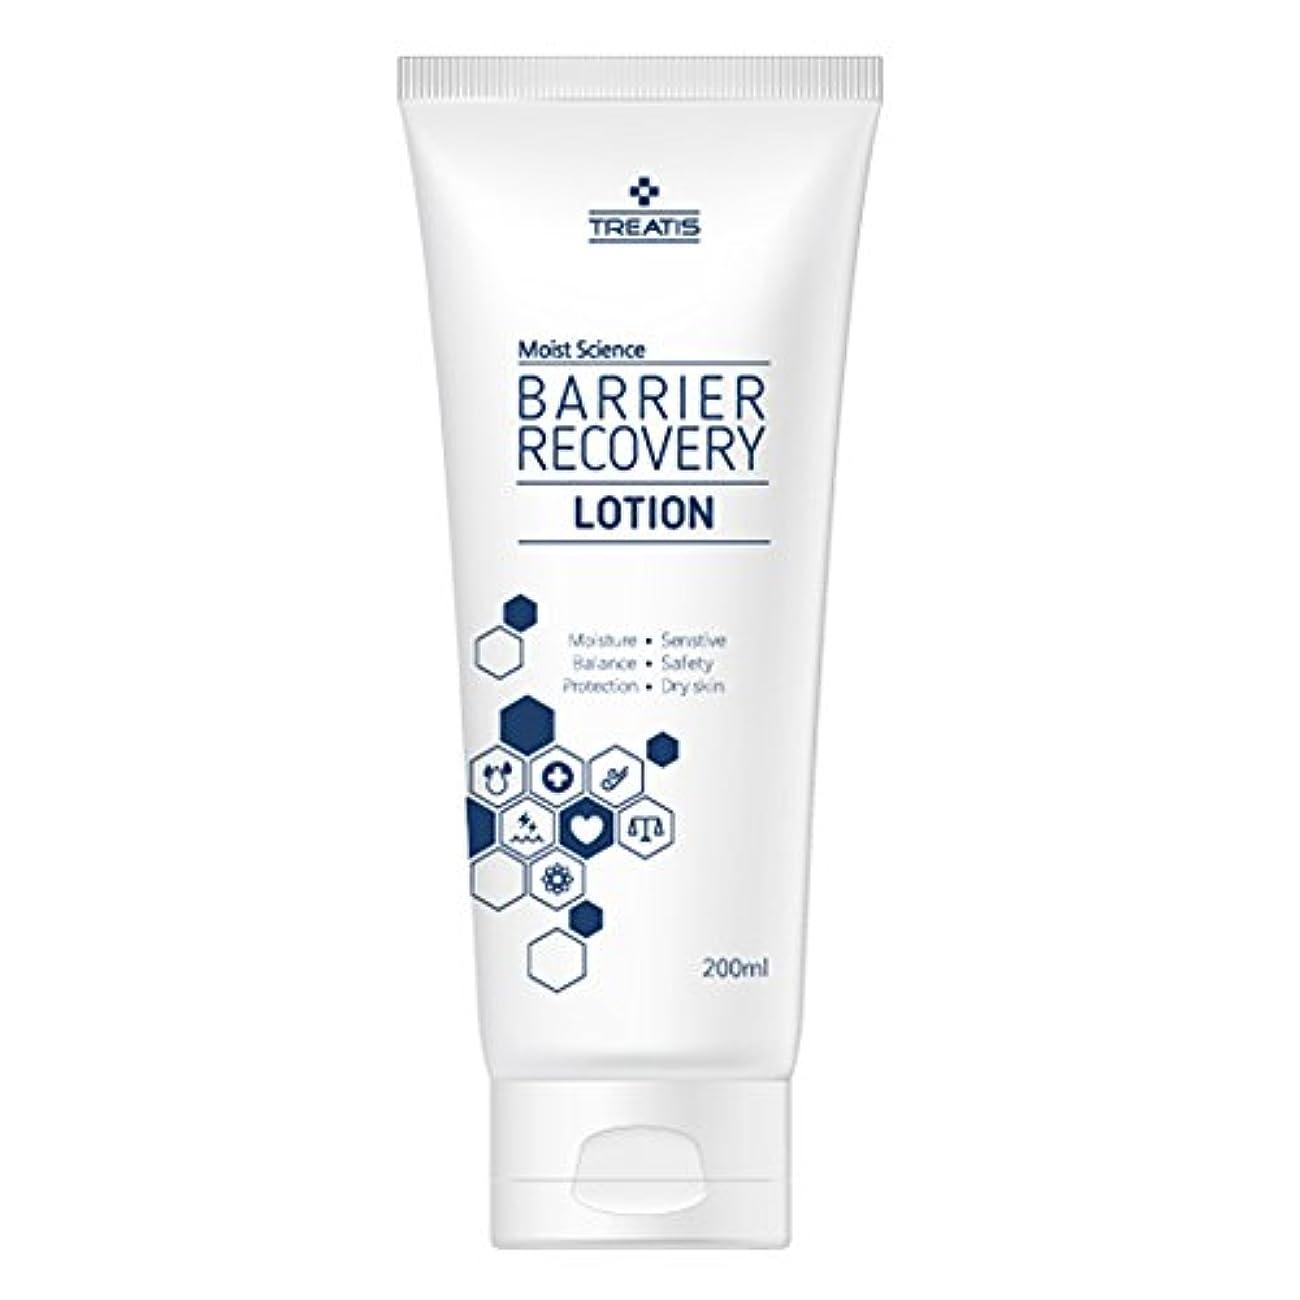 ピザ汚い繁栄Treatis barrier recovery lotion 7oz (200ml)/Moisture, Senstive, Balance, Safty, Protection, Dry skin [並行輸入品]